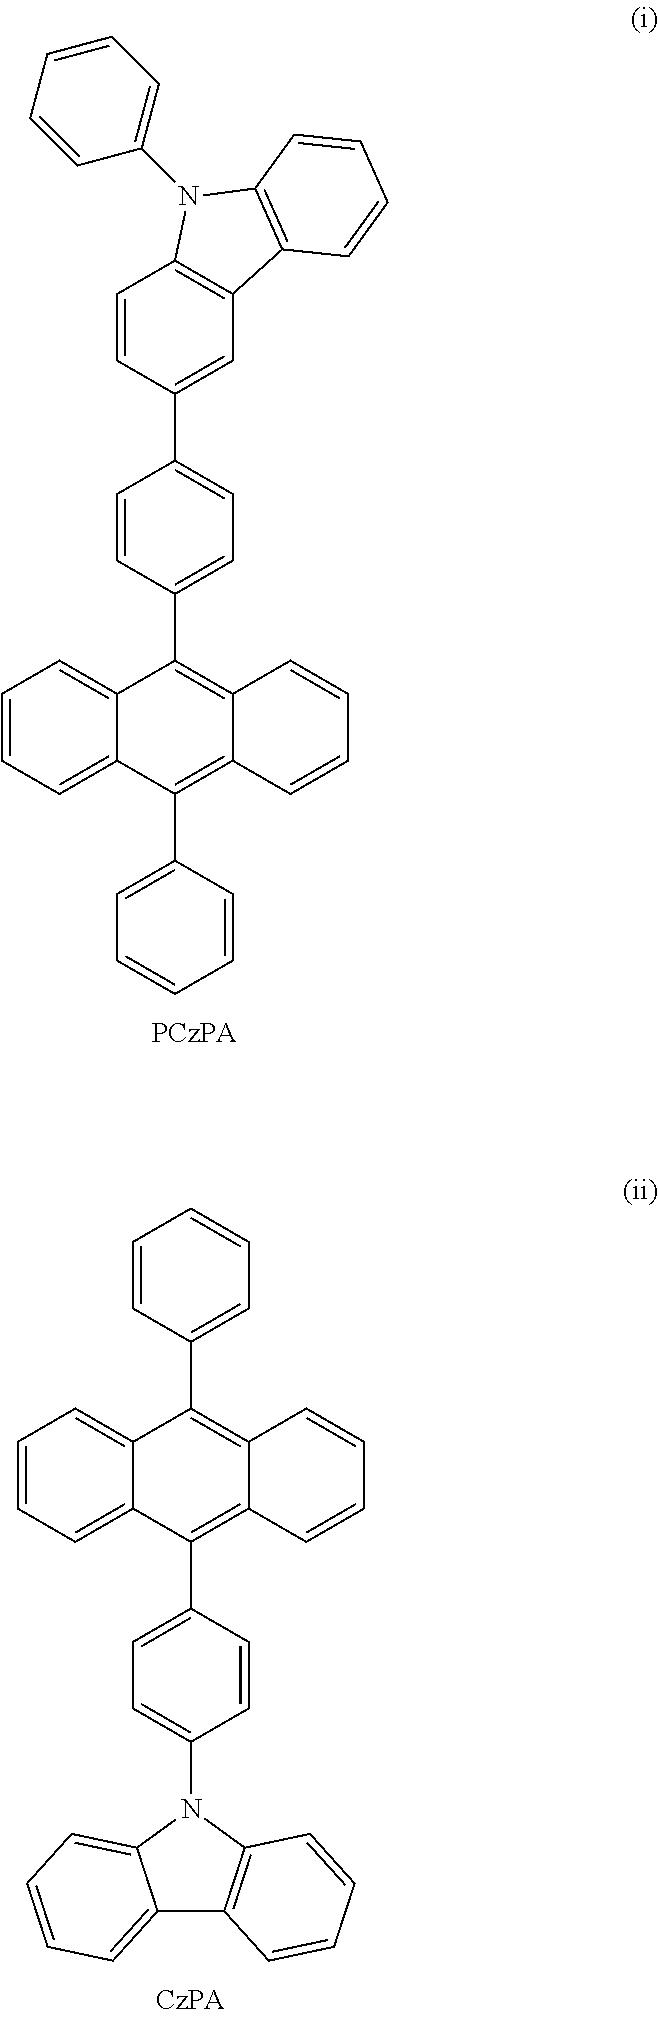 Figure US20130020561A1-20130124-C00060